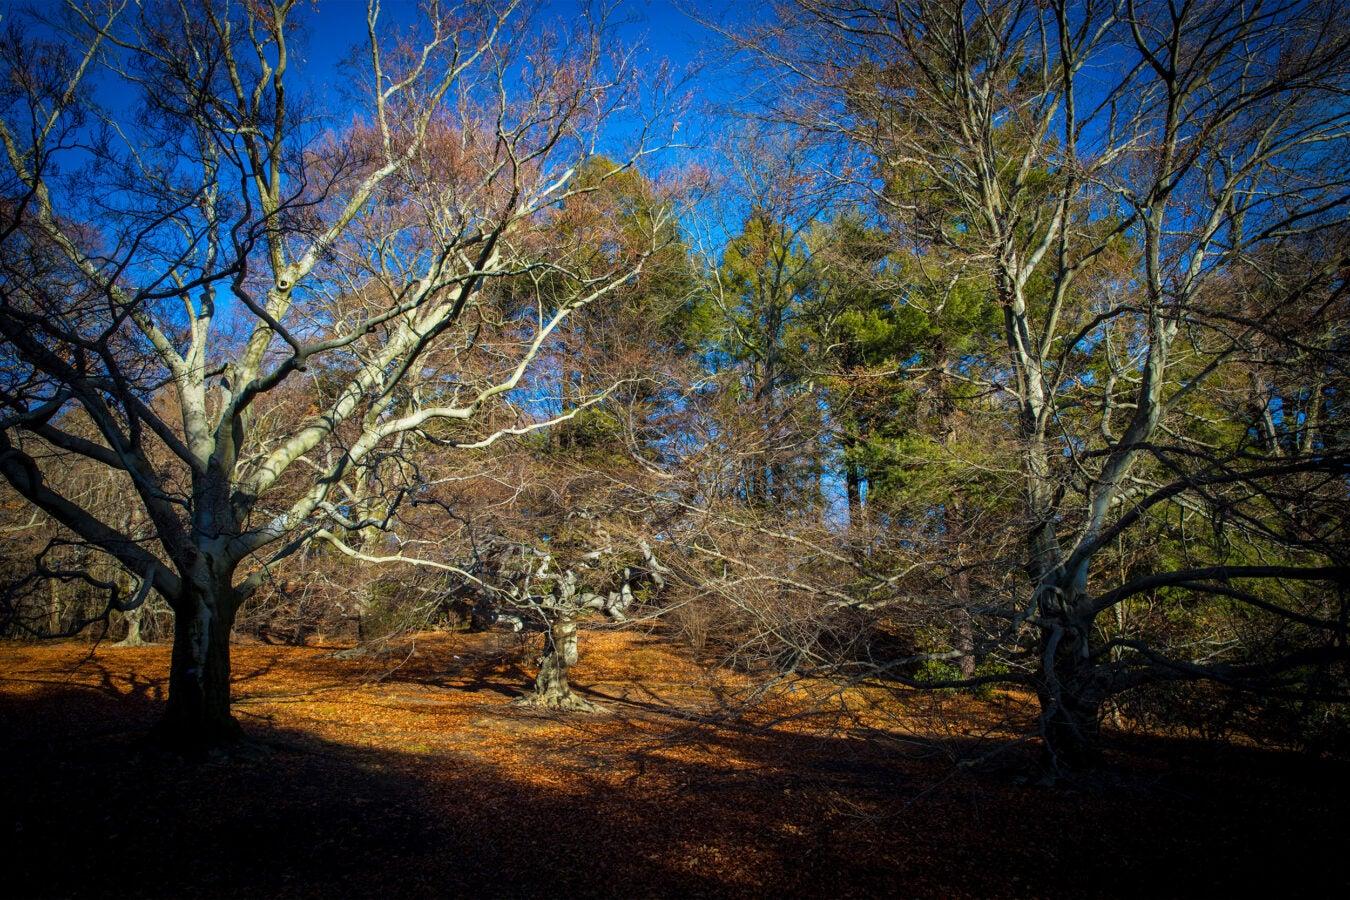 Trees in the Arnold Arboretum.